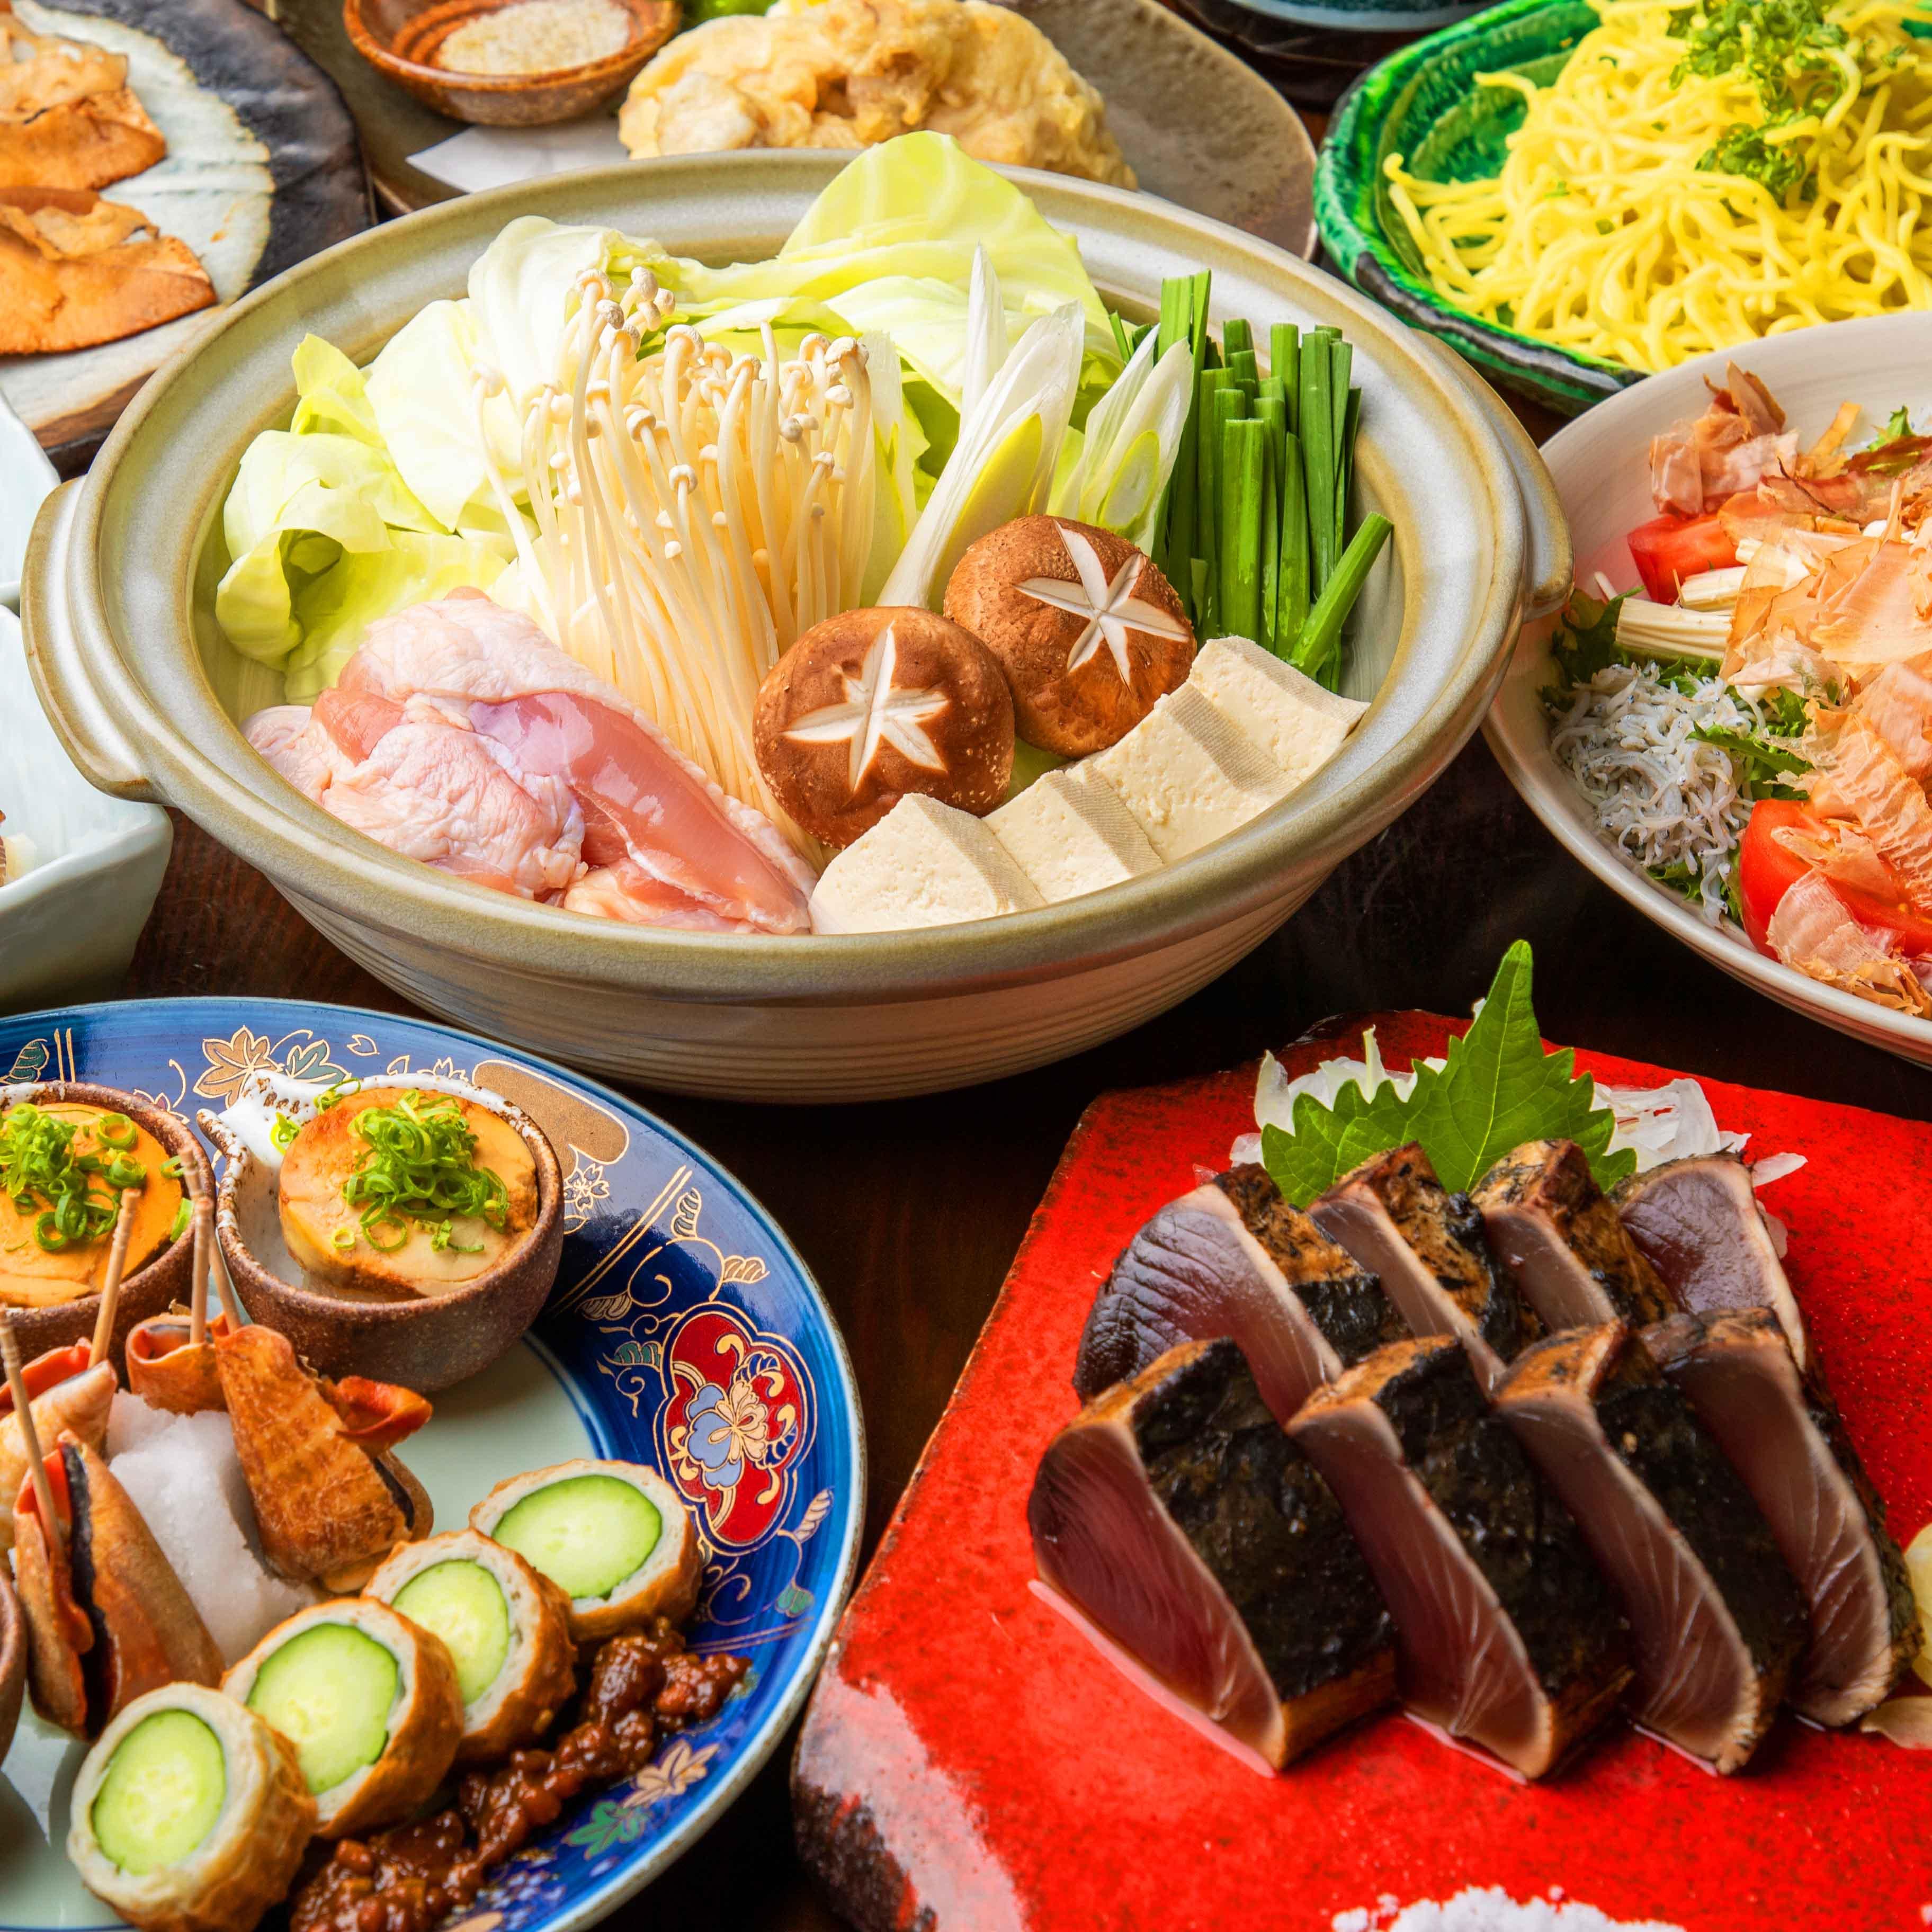 [曜日限定] [2時間飲み放題] かつをと鰻の藁焼きコース11品